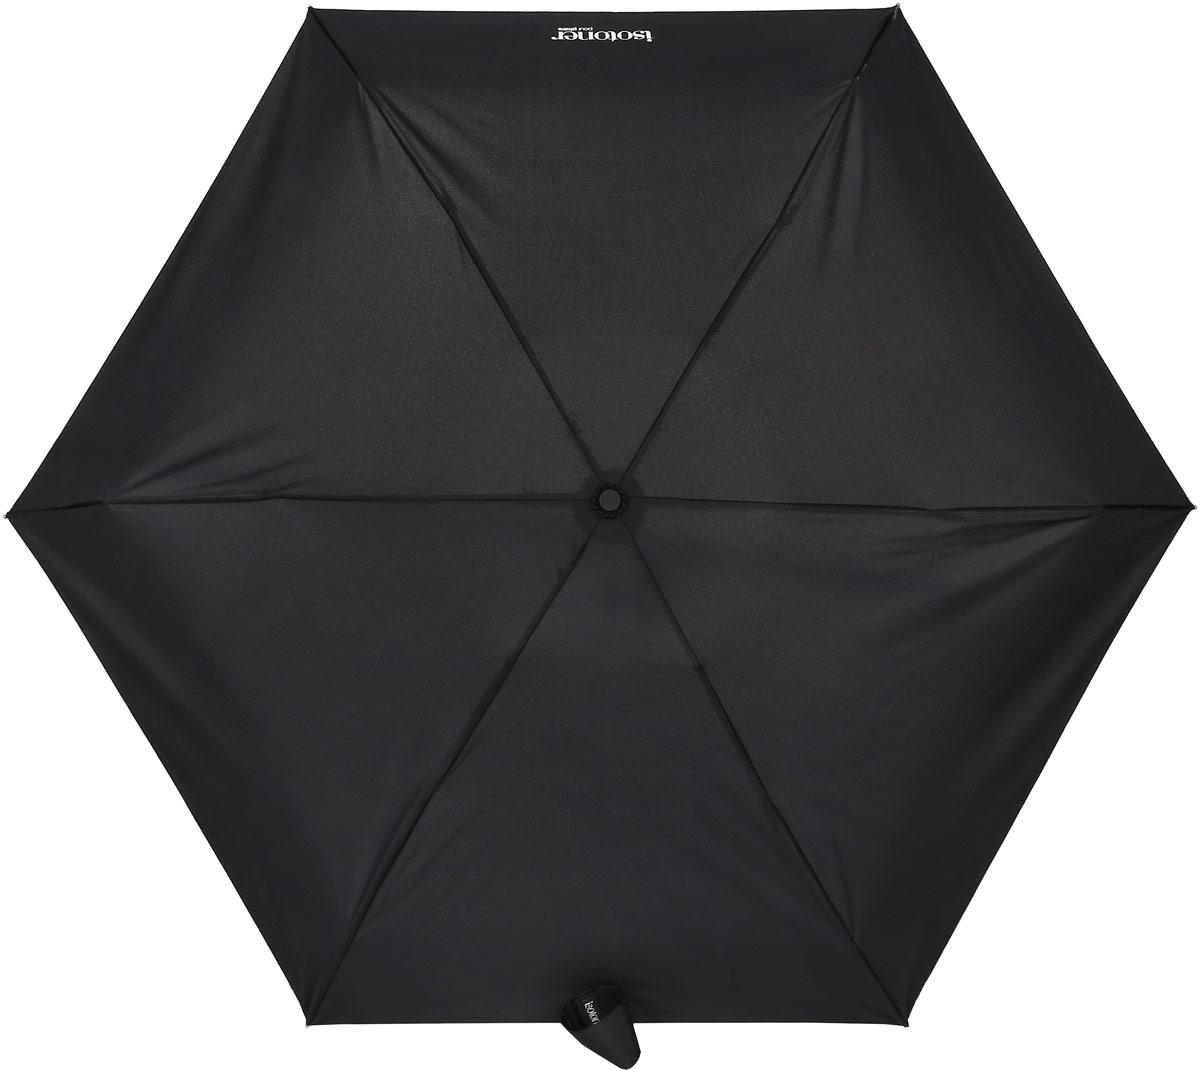 Зонт Isotoner, механический, 5 сложений, цвет: черный. 09137-109137-1Компактный зонт Isotoner выполнен из металла, пластика. Каркас зонта выполнен из шести спиц на прочном стержне. Купол зонта изготовлен прочного полиэстера. Закрытый купол застегивается на липучку хлястиком. Практичная рукоятка закругленной формы разработана с учетом требований эргономики. Зонт складывается и раскладывается механическим способом. Такой зонт не только надежно защитит от дождя, но и станет стильным аксессуаром.